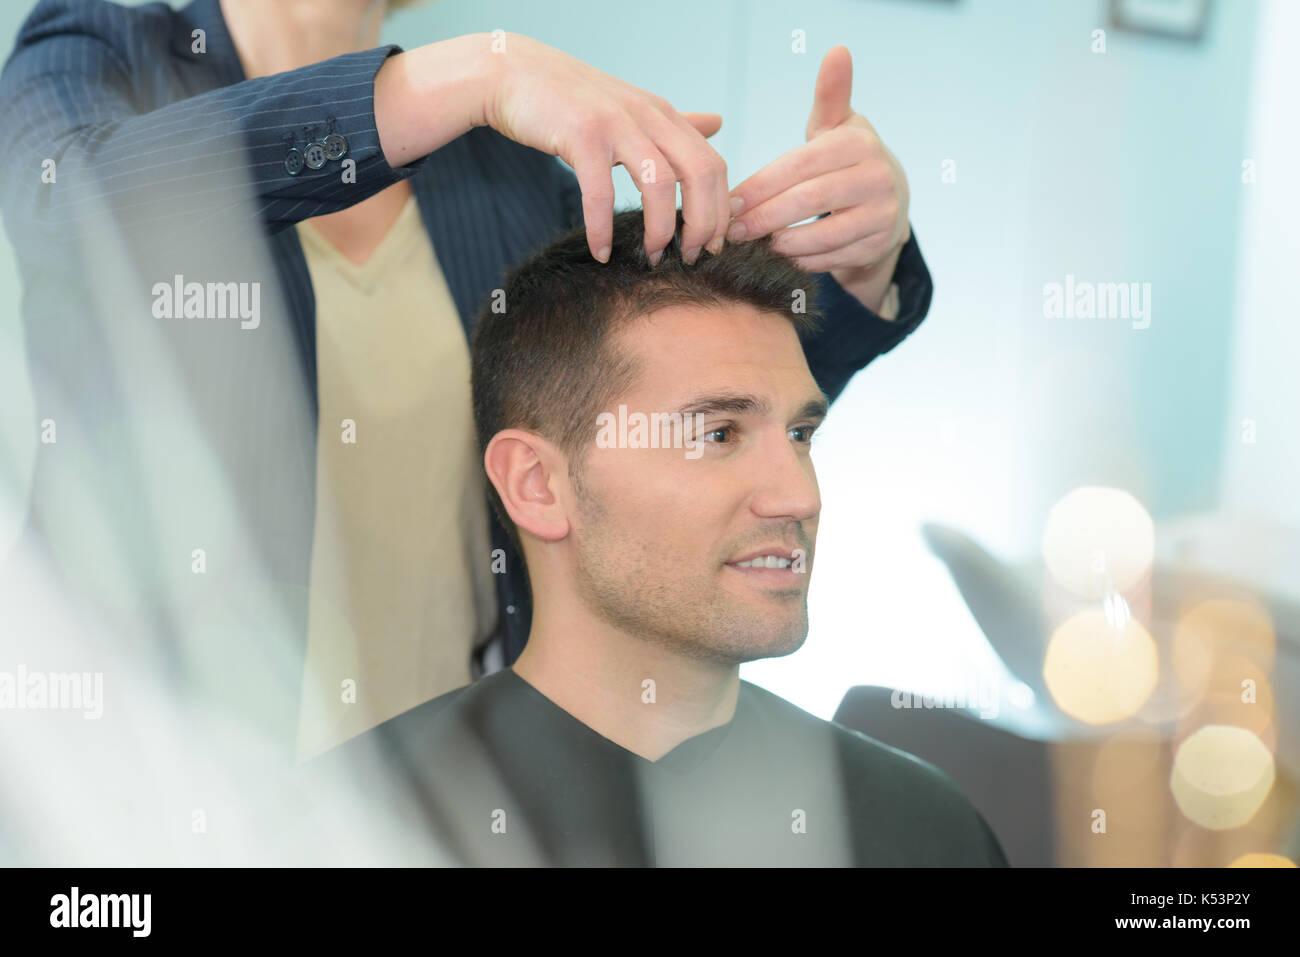 Männliche Friseur Haare Schneiden Von Jungen Kerl In Friseursalon